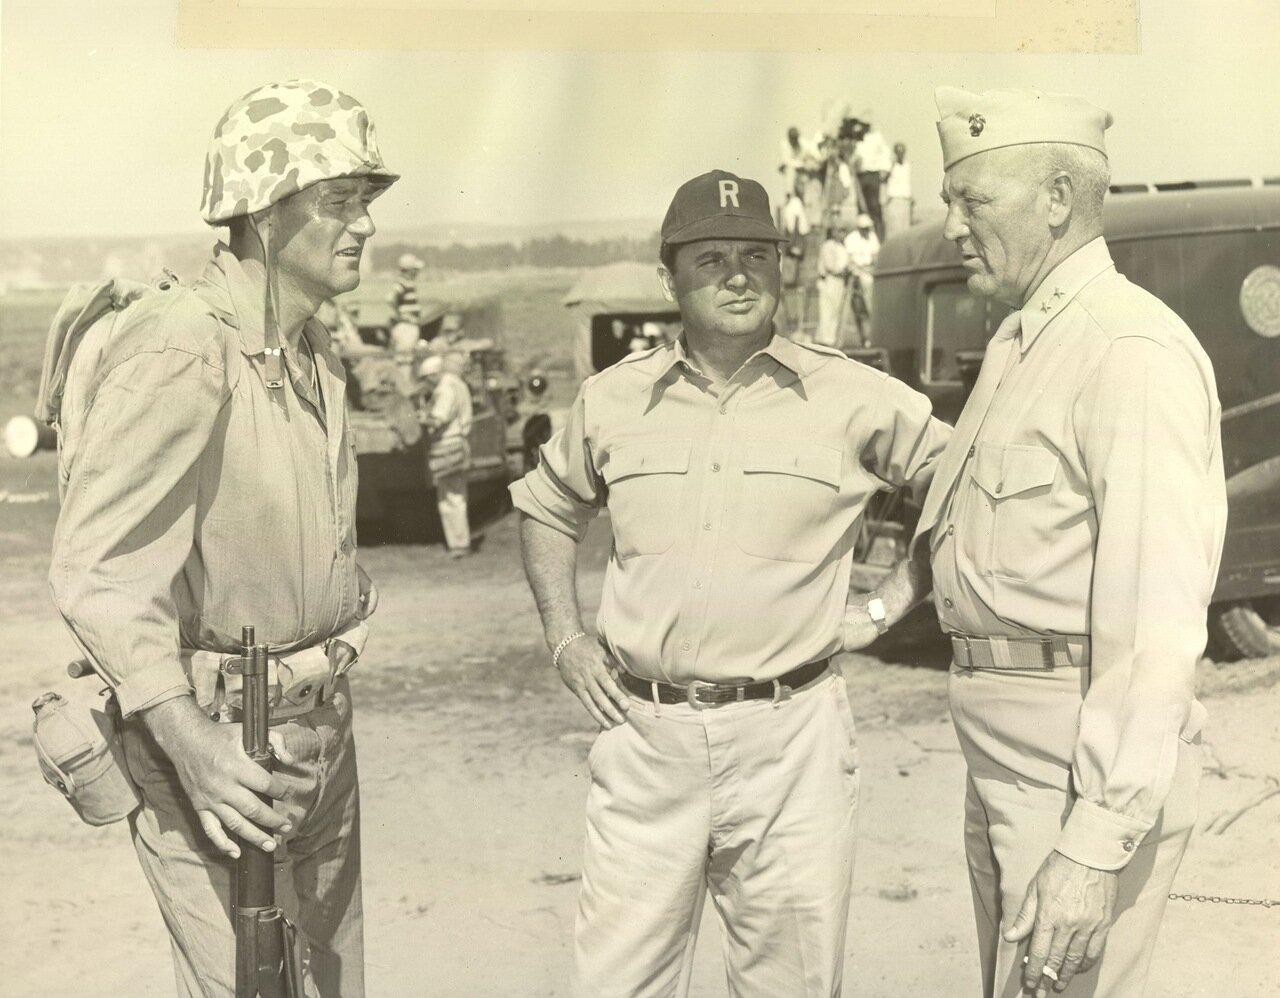 1949. Генерал-майор Грейвс Бланшар Эрскин и Джон Уэйн на съемках фильма Пески Иводзимы